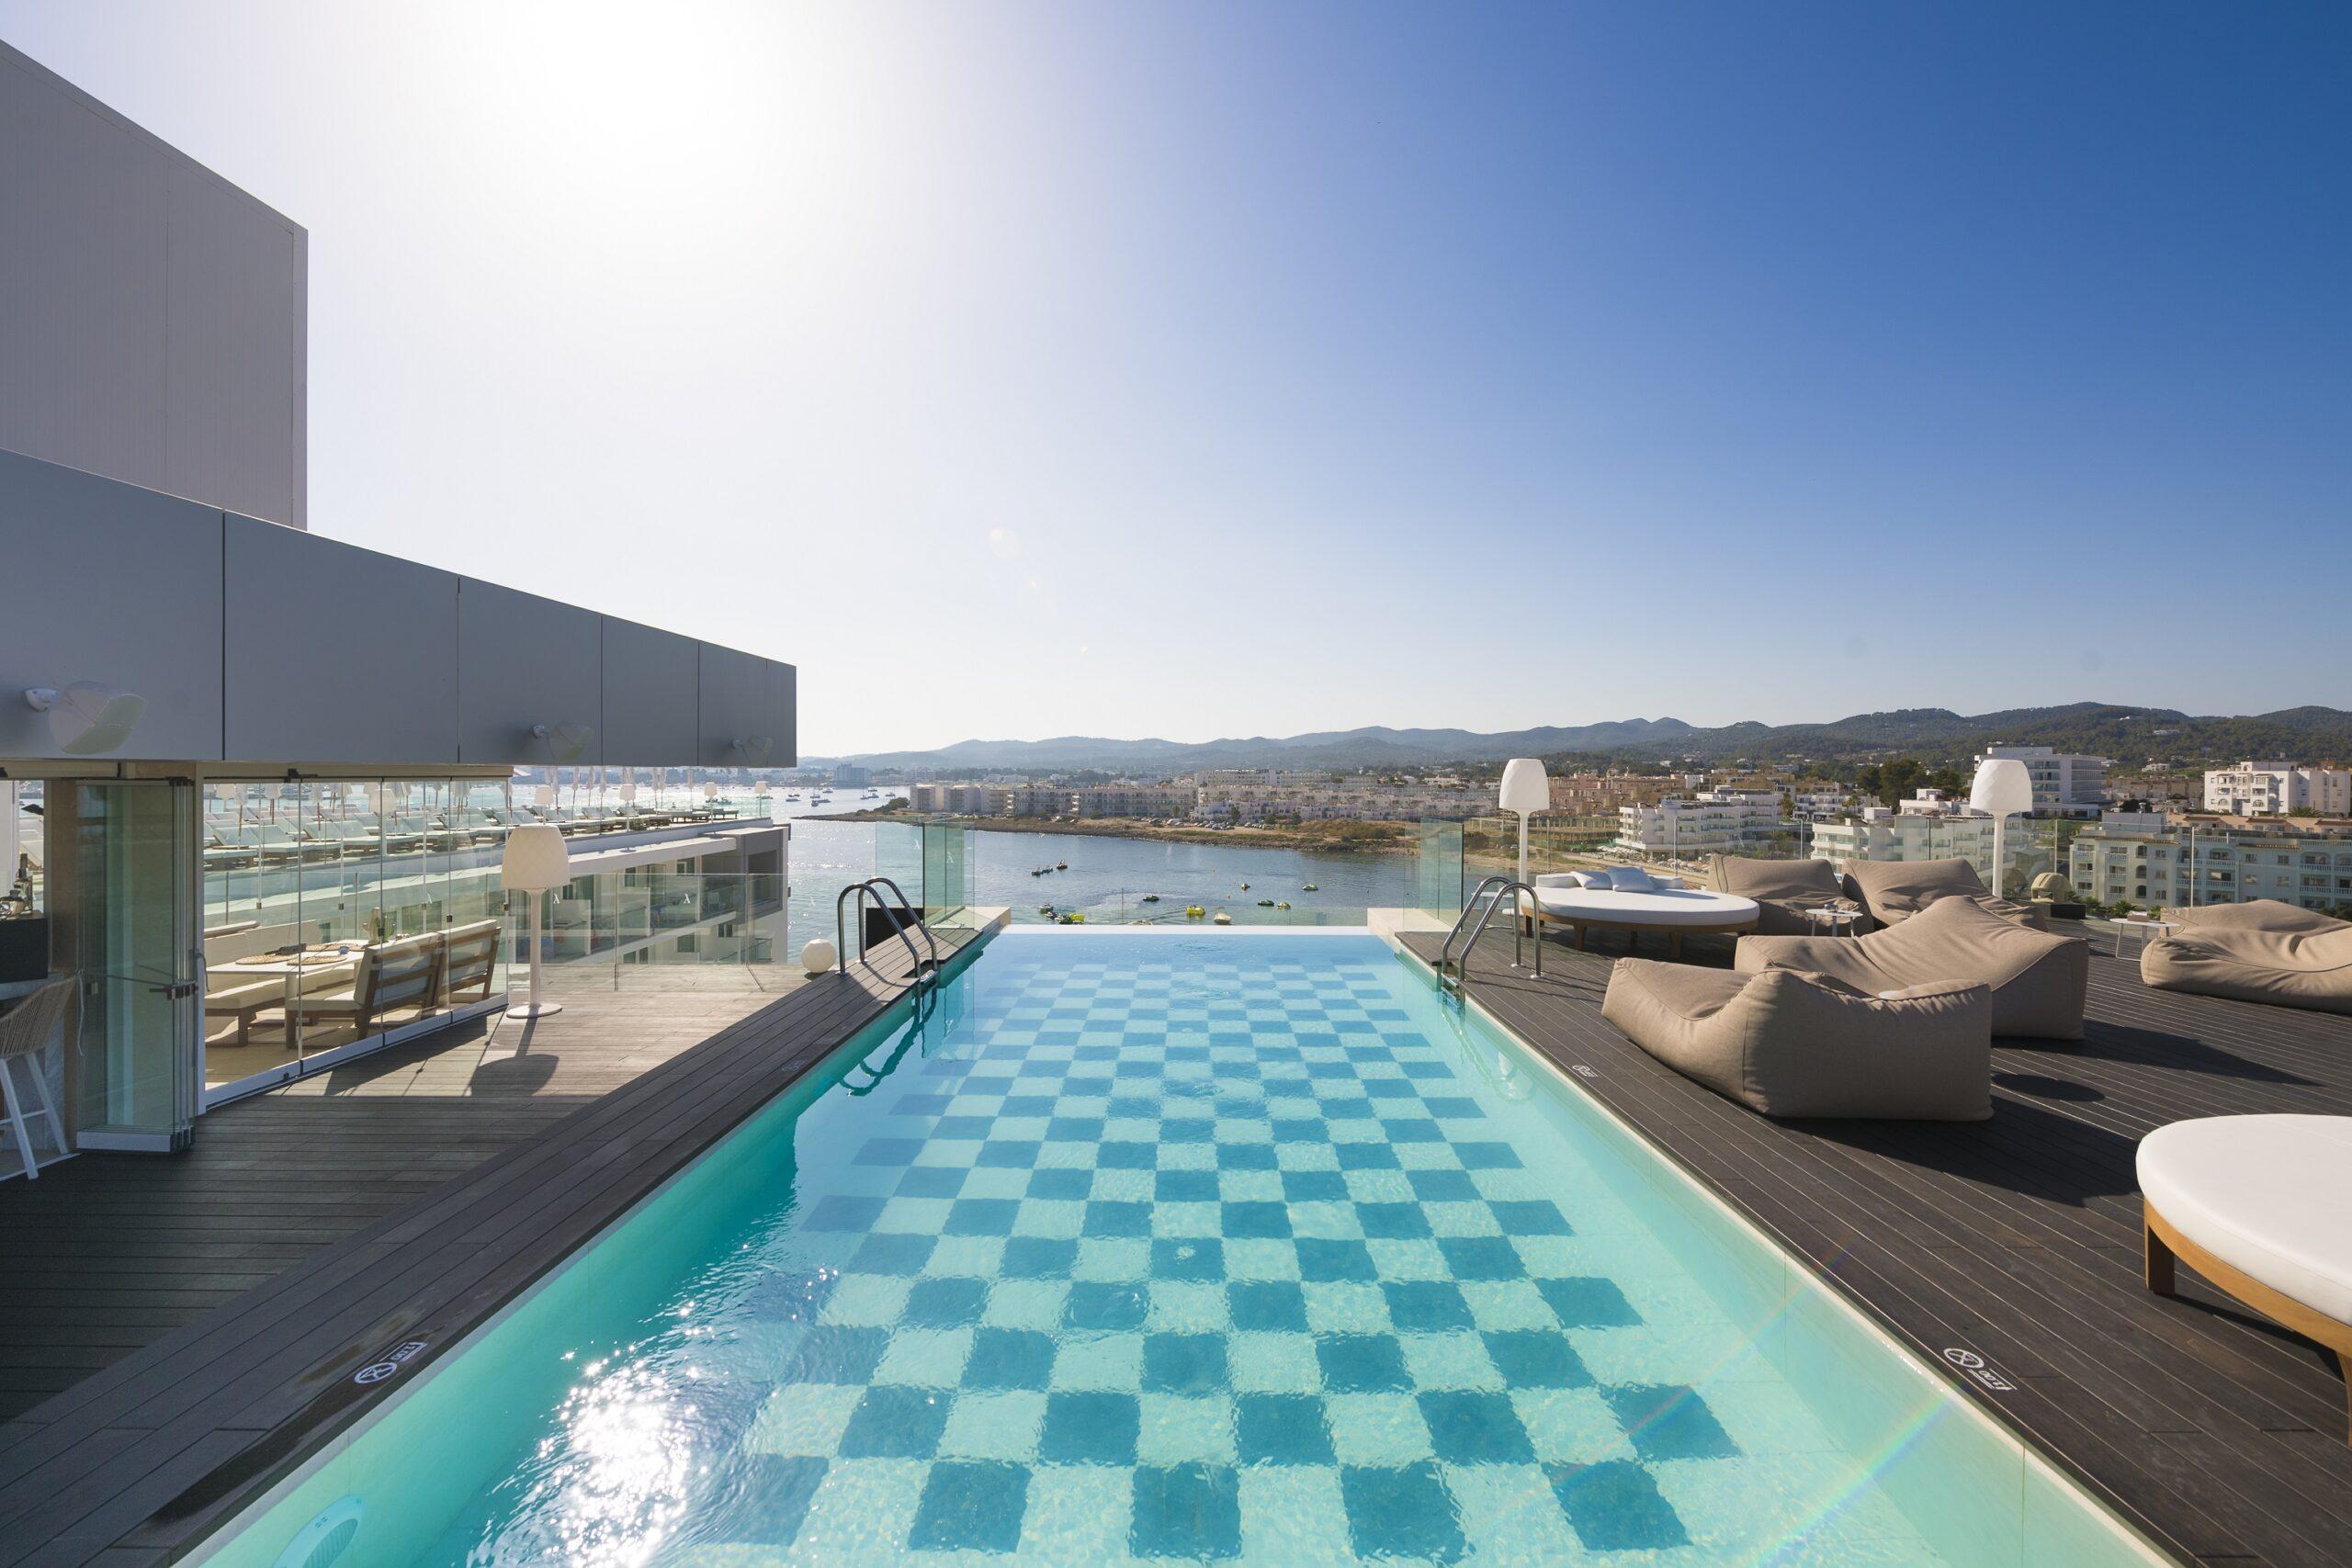 La piscina y el rooftop de Amàre Beach Hotel Ibiza son dos de sus rincones más icónicos e instagrameados